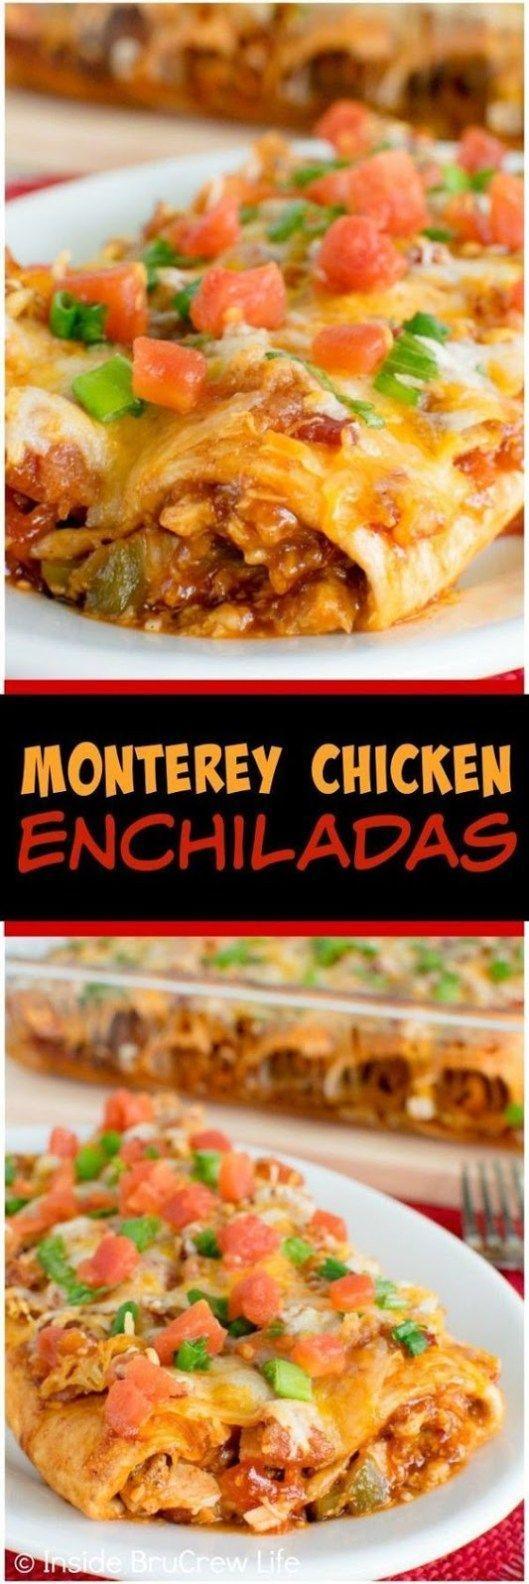 Monterey Chicken Enchiladas Recipe